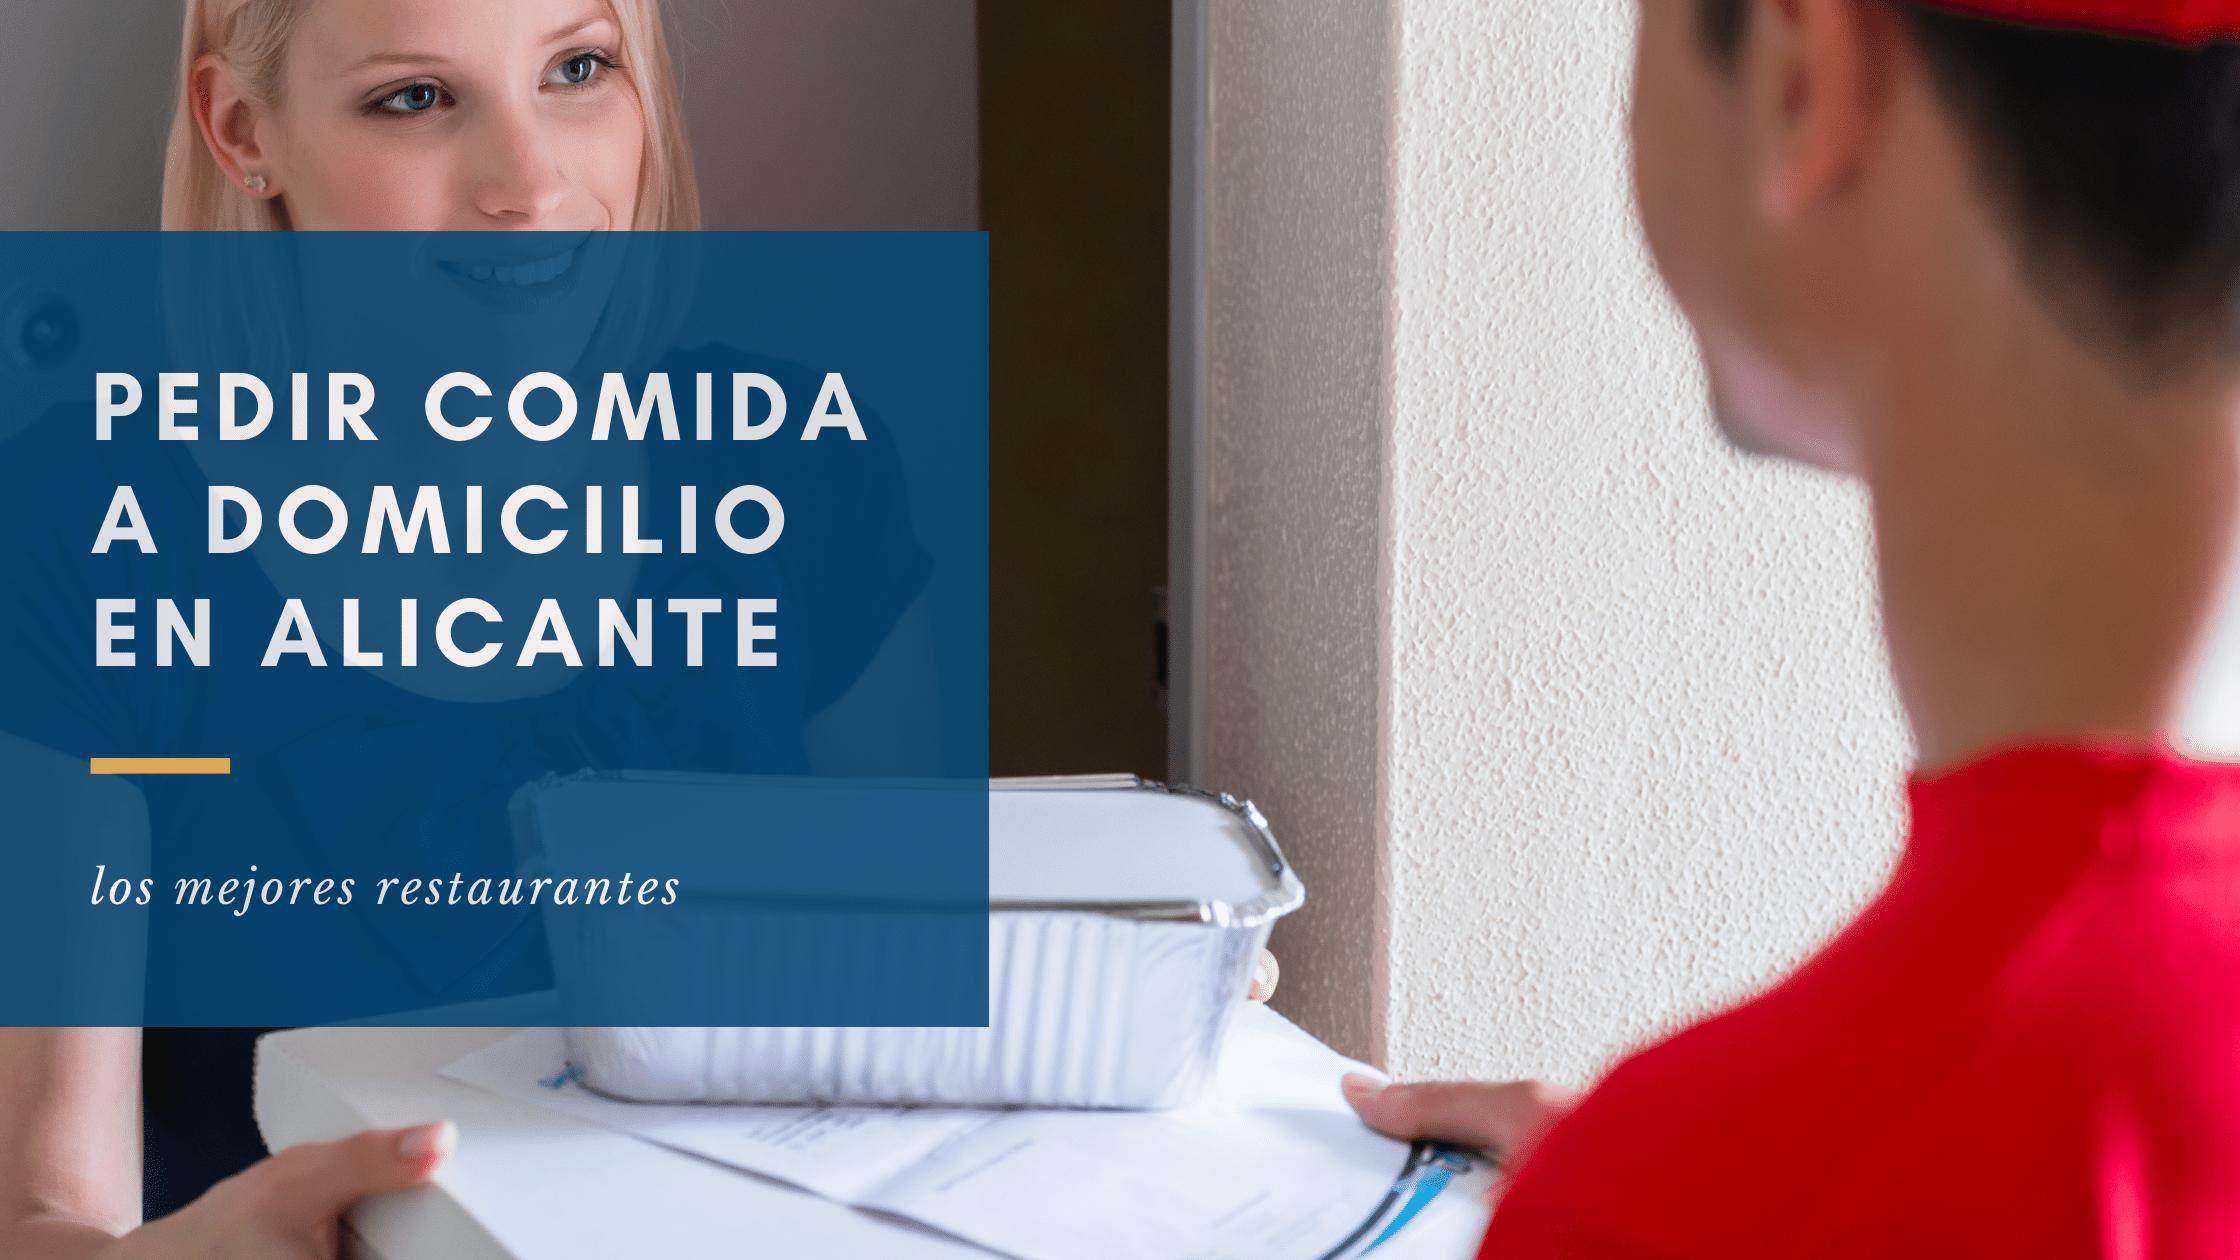 Pedir comida a domicilio Alicante: los mejores restaurantes